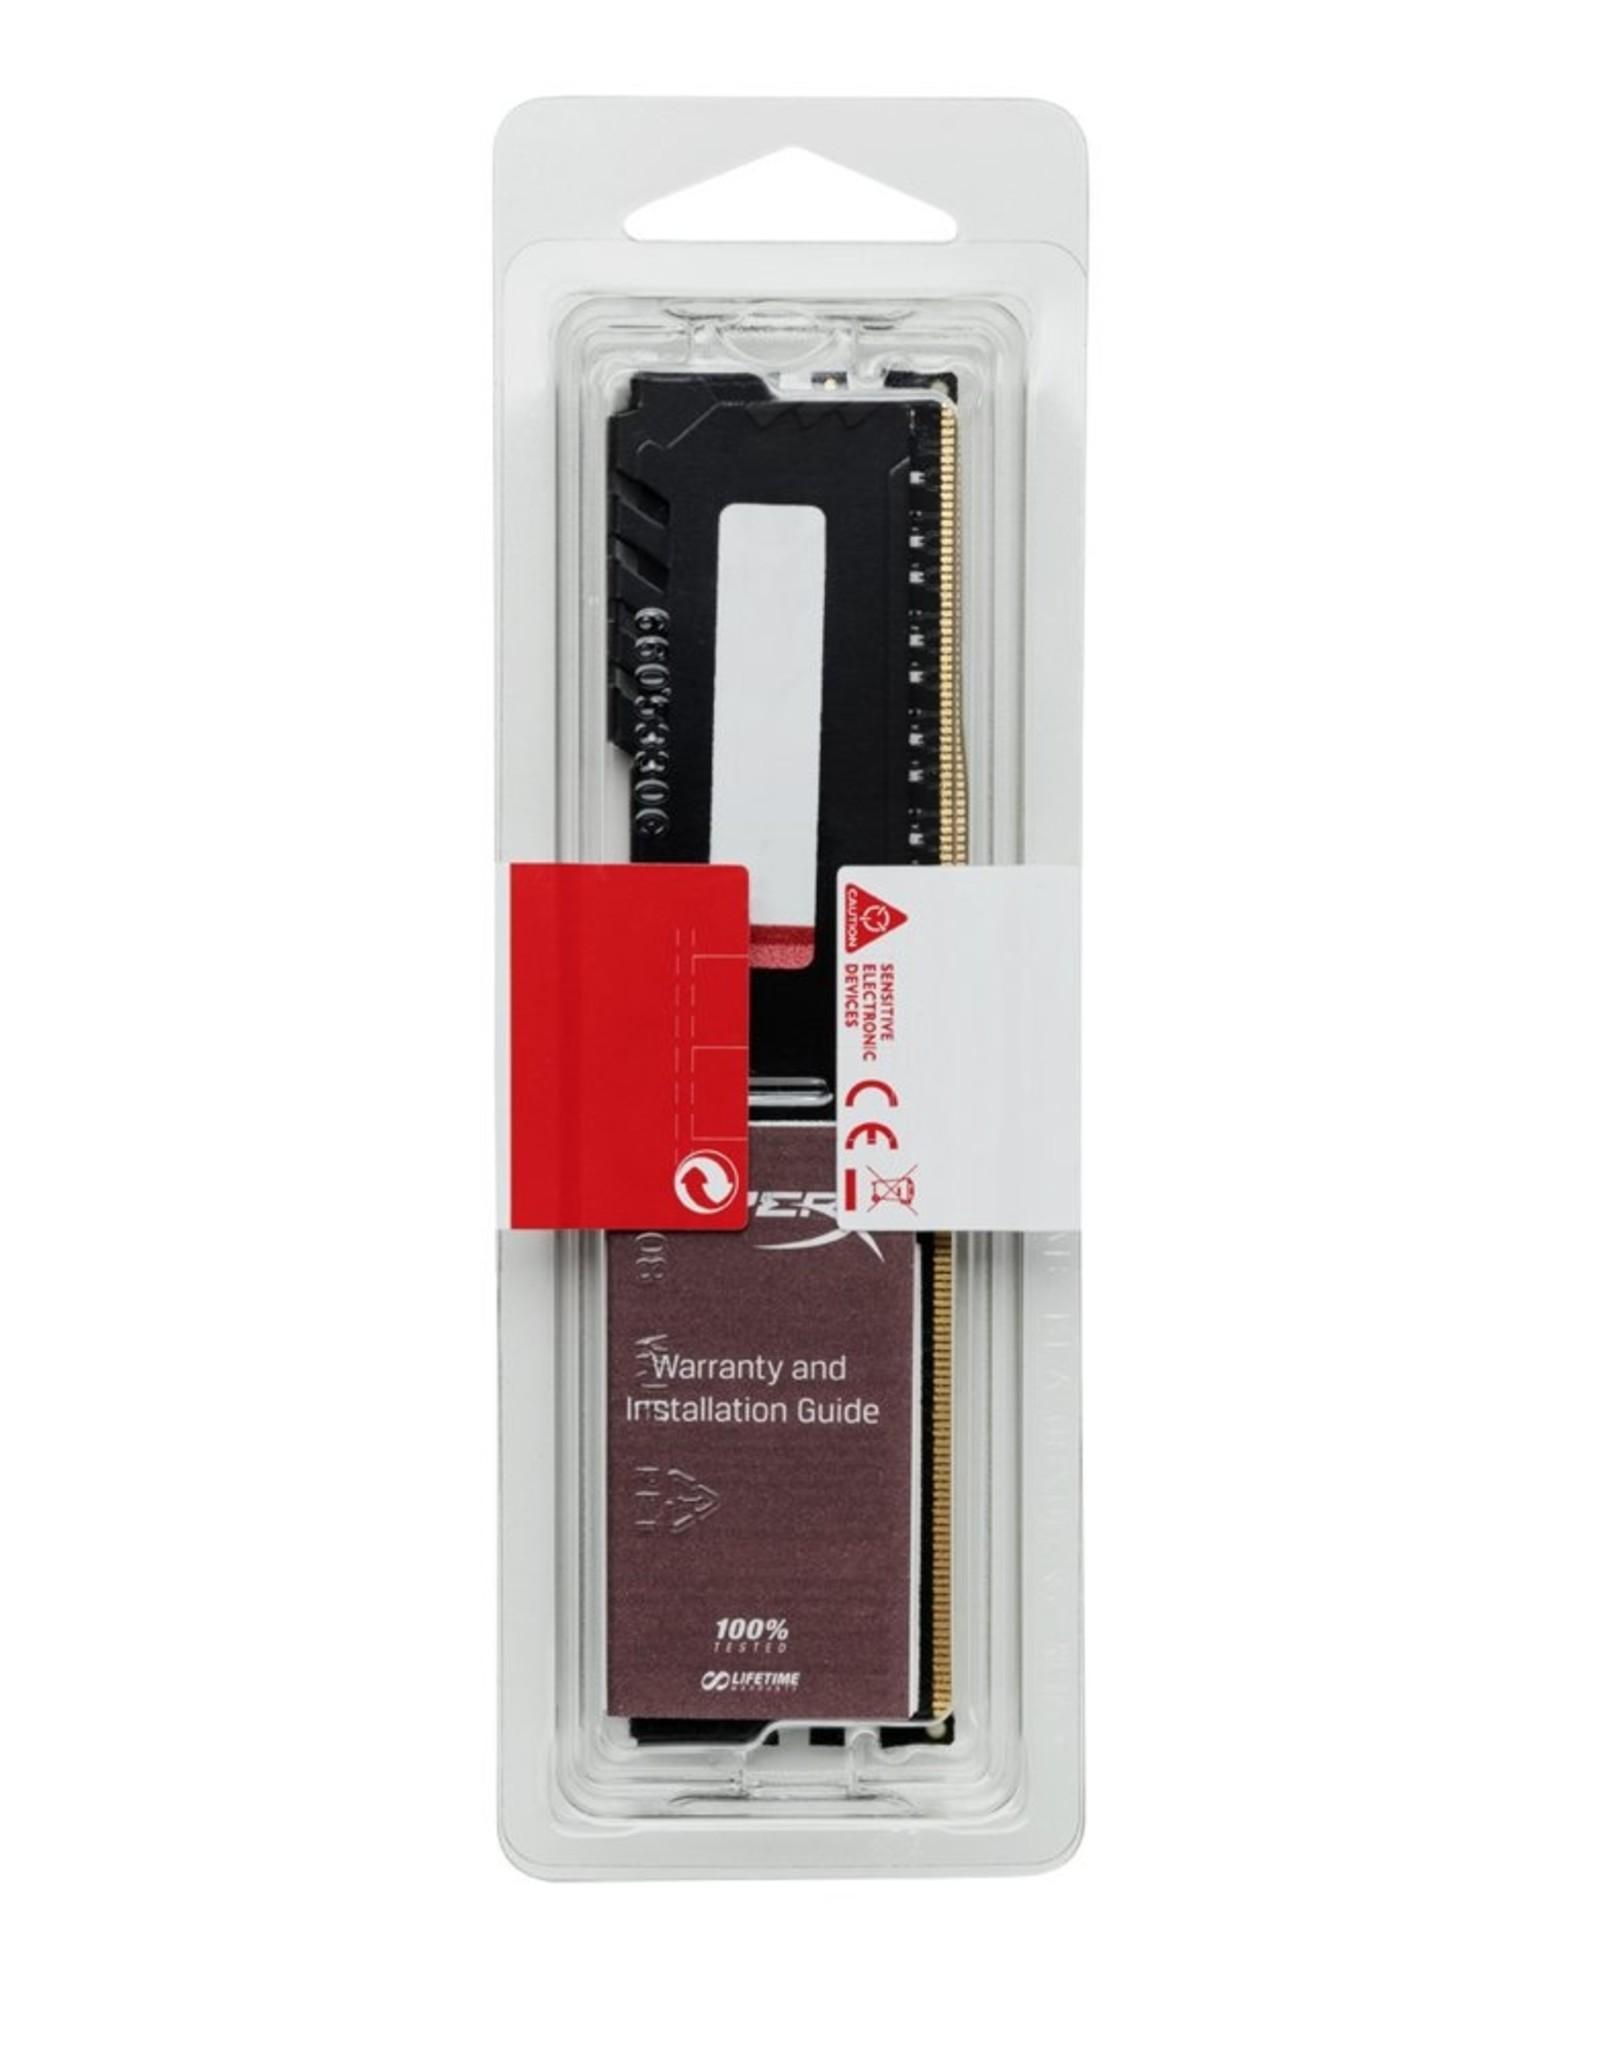 MEM  HyperX Fury 8GB DDR4 2400MHz